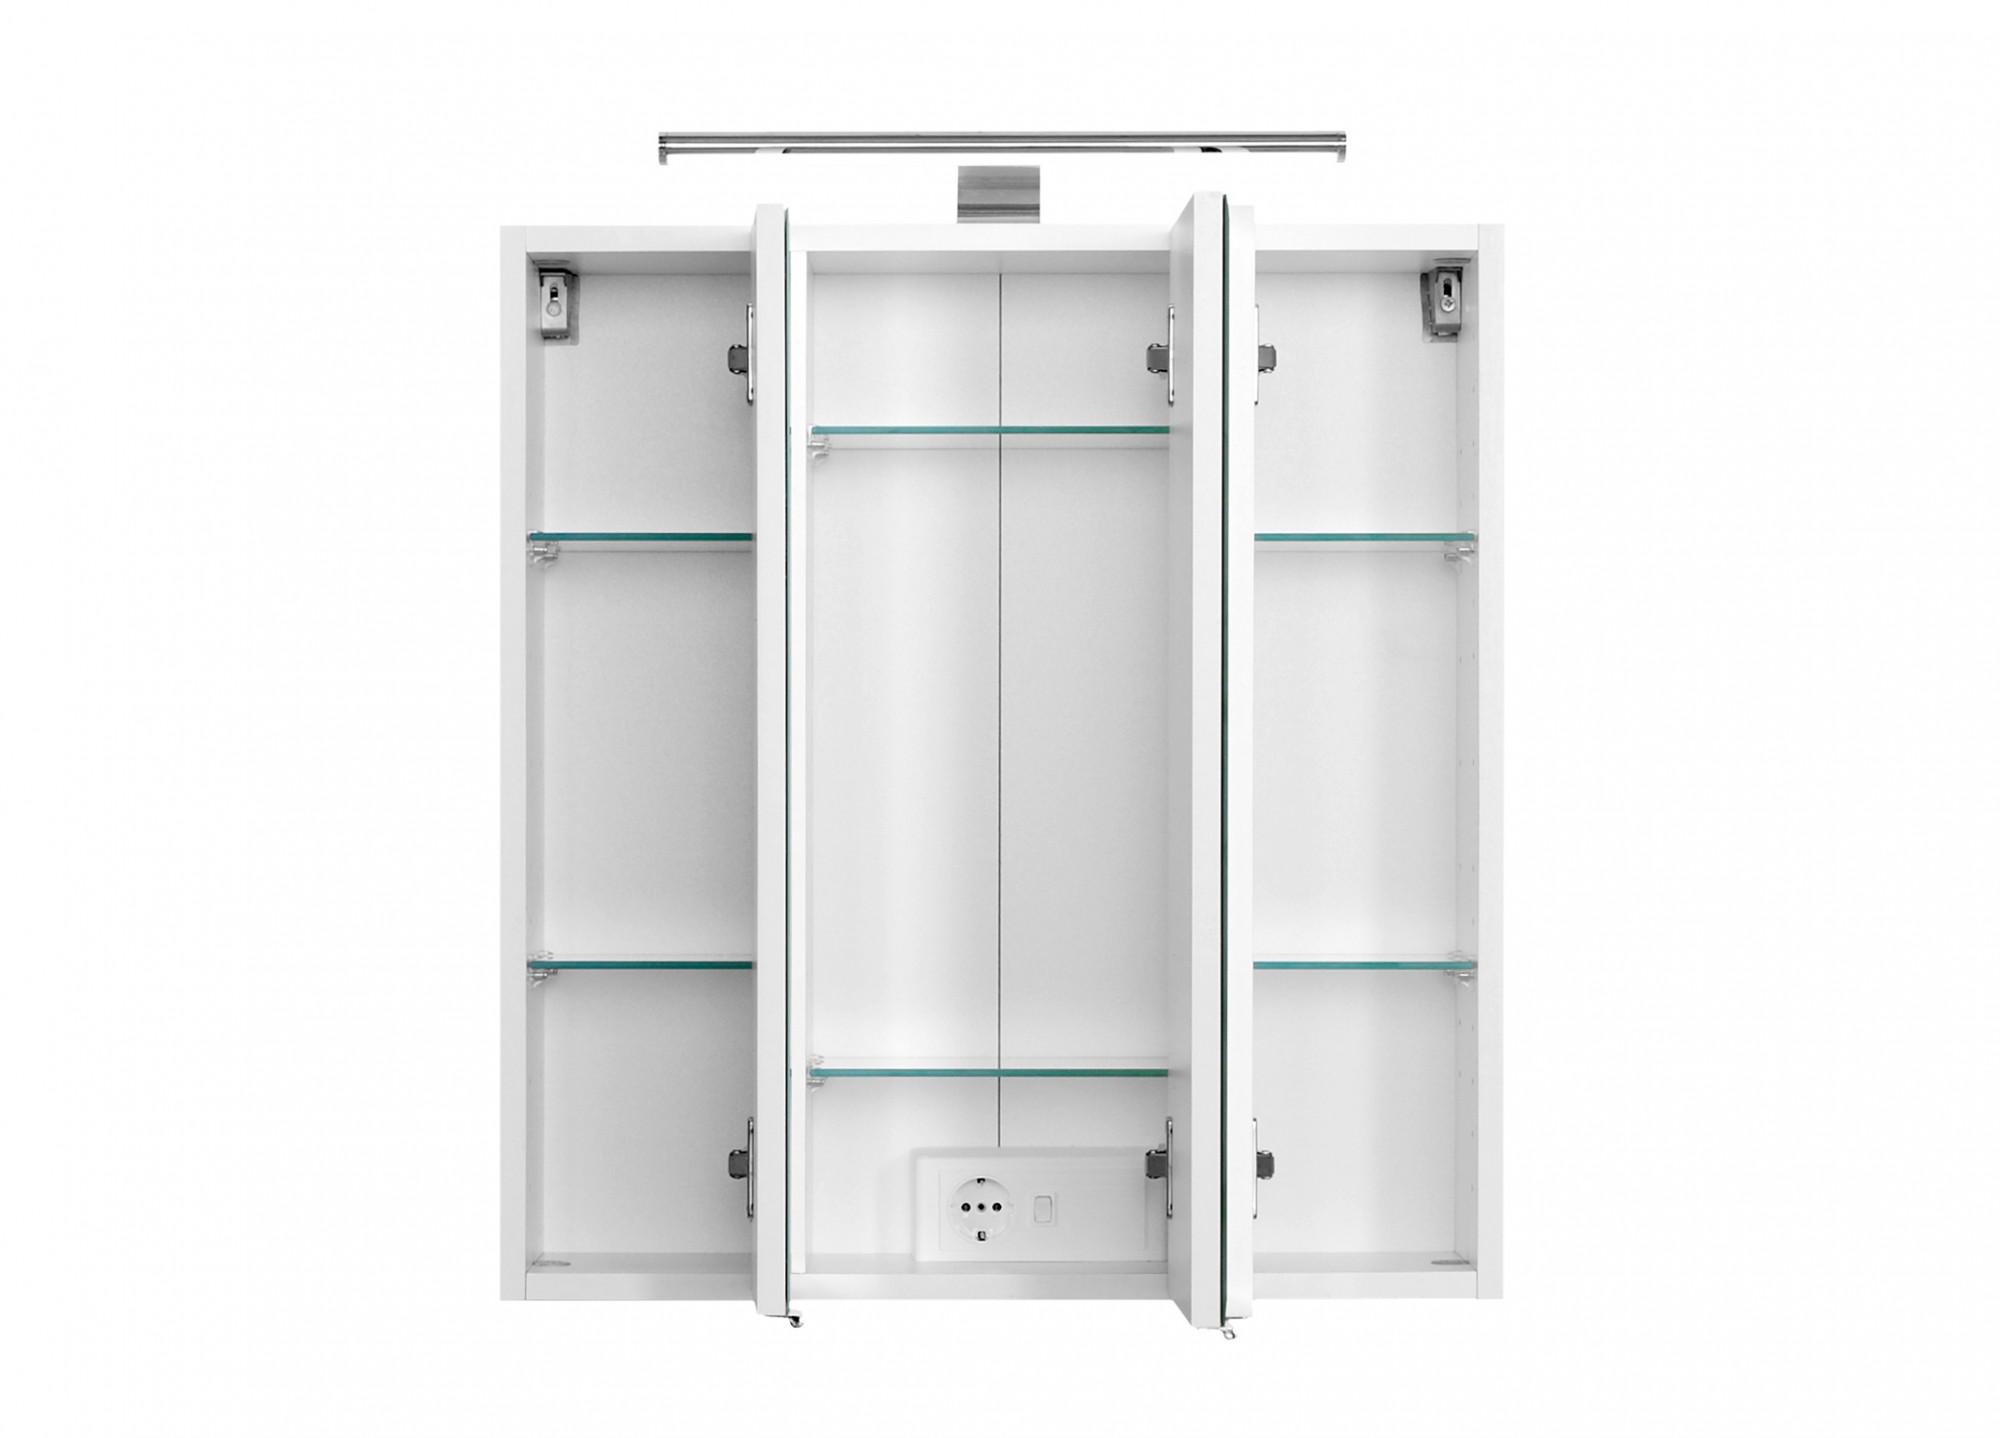 Bad Spiegelschrank - 3-türig, mit LED-Aufbauleuchte - 60 cm breit ...